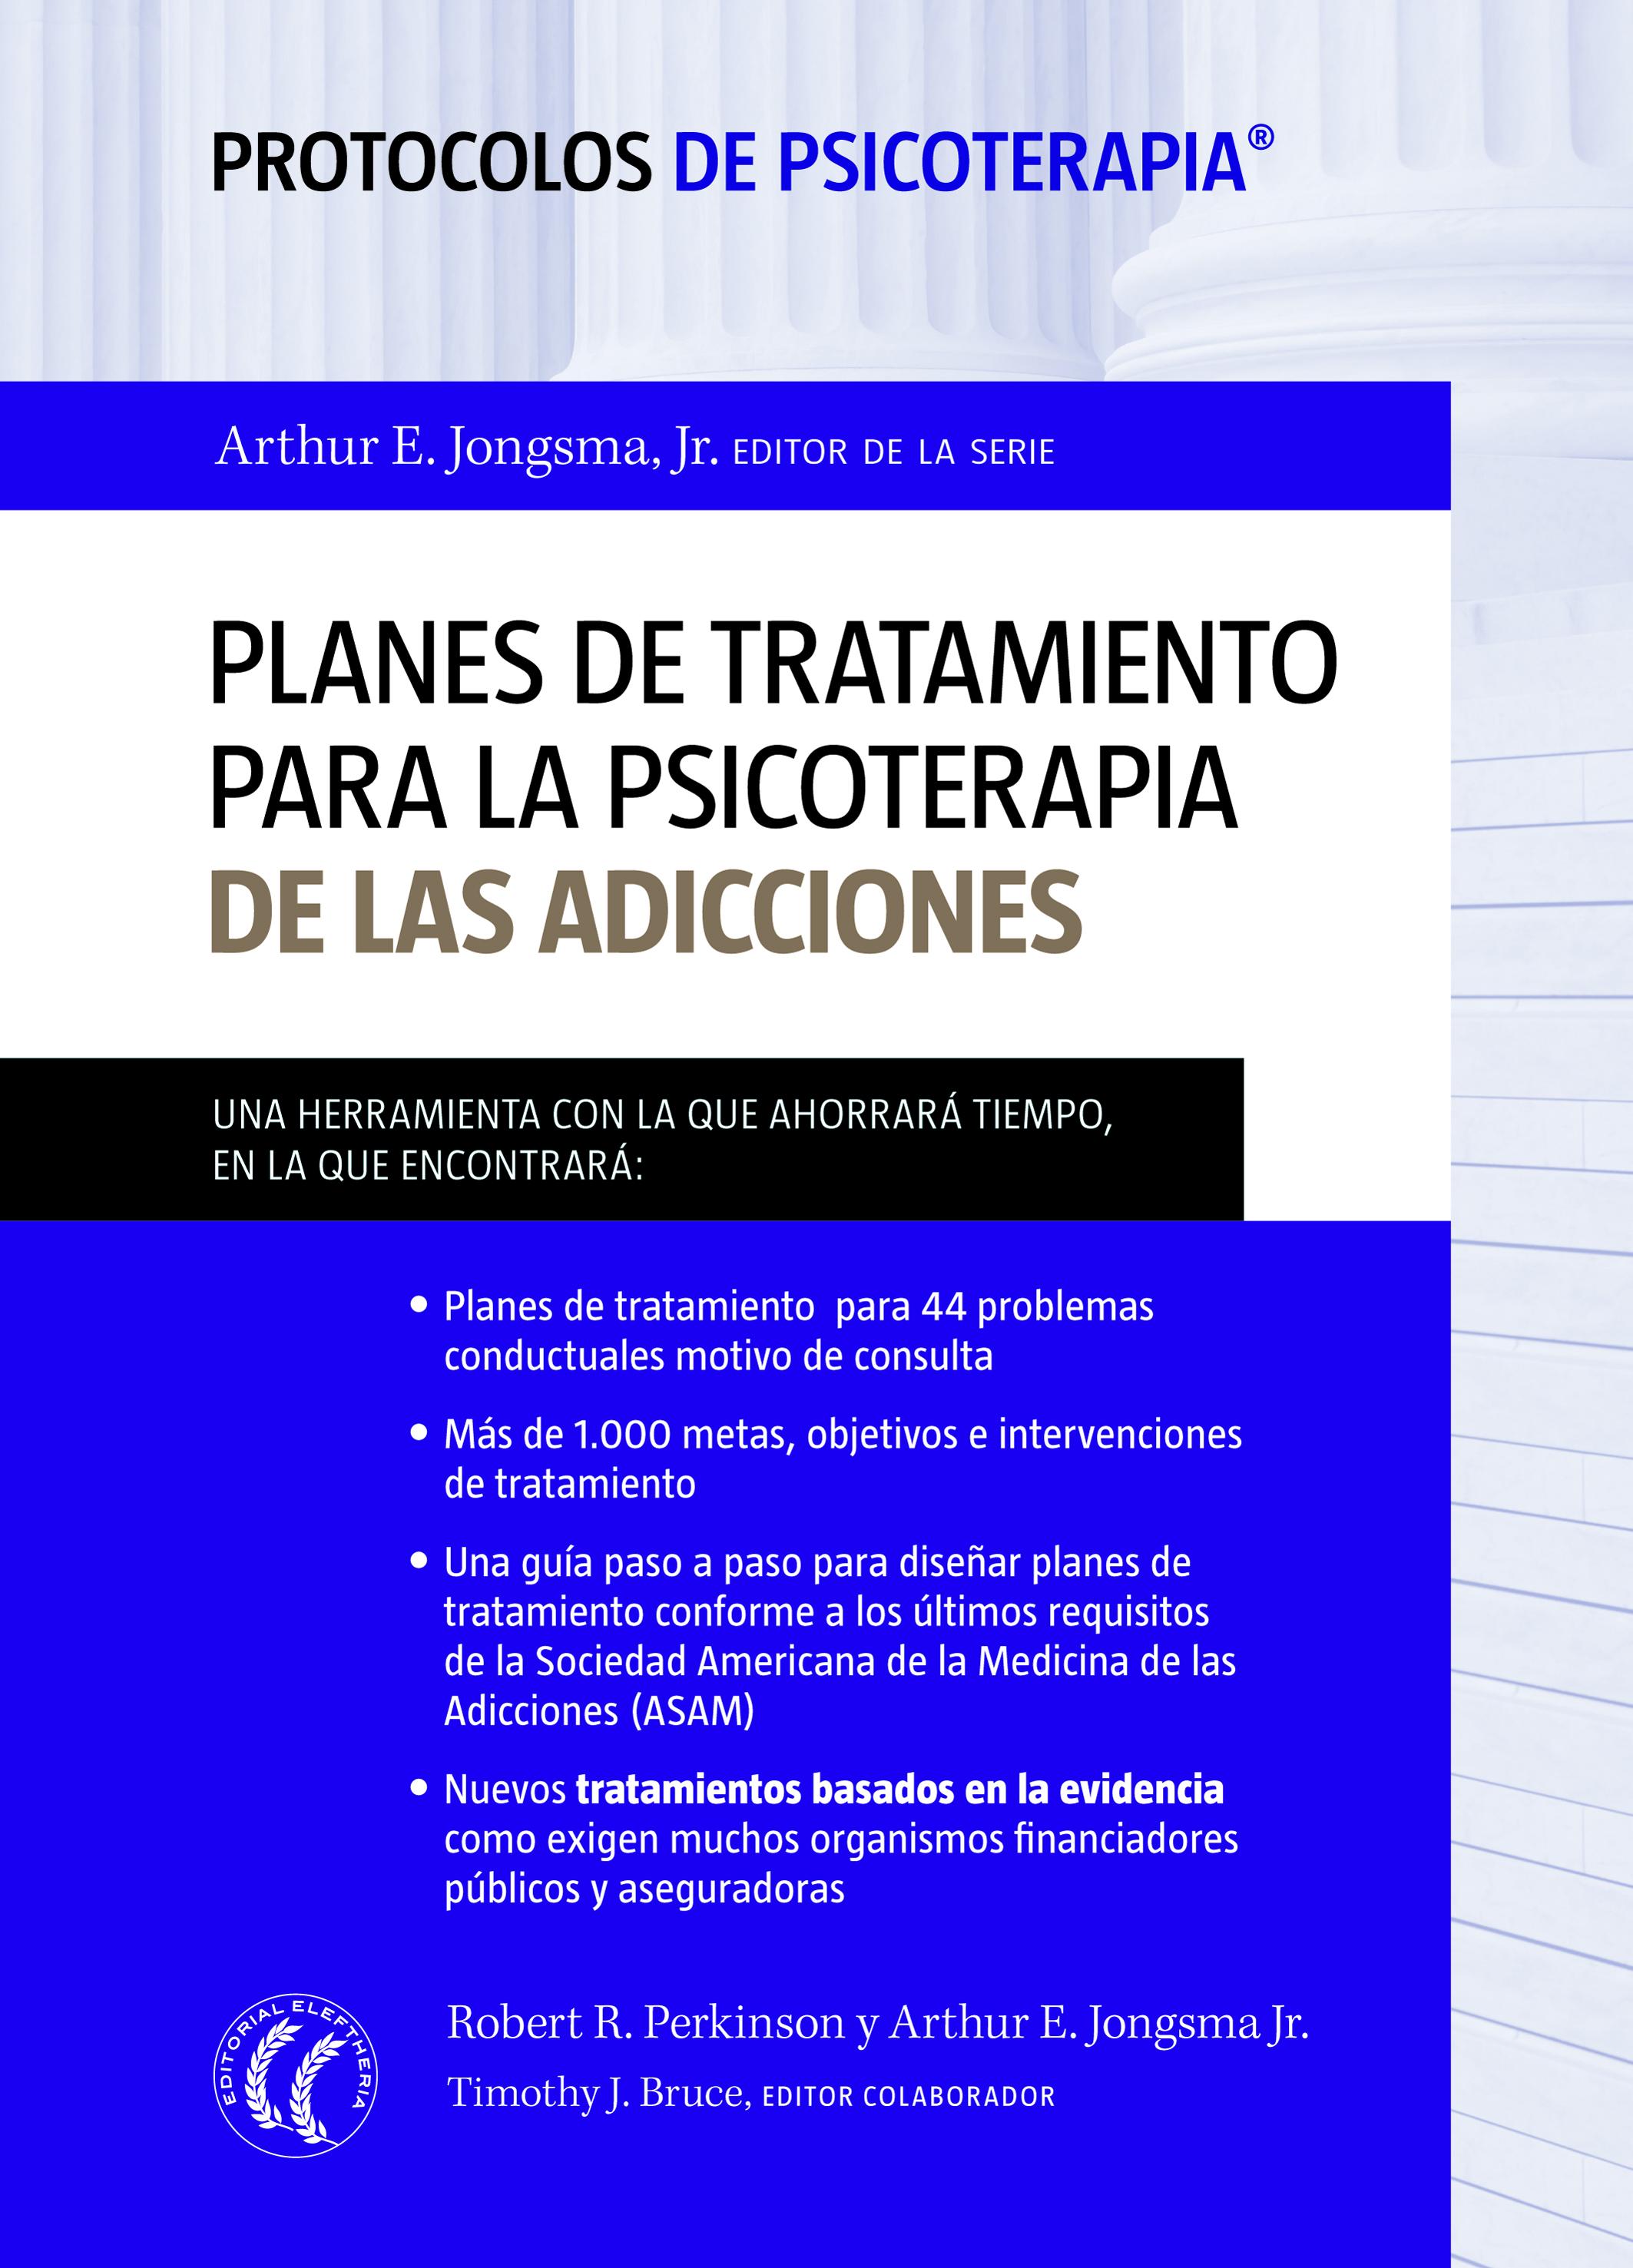 Planes de tratamiento para la psicoterapia de las adicciones